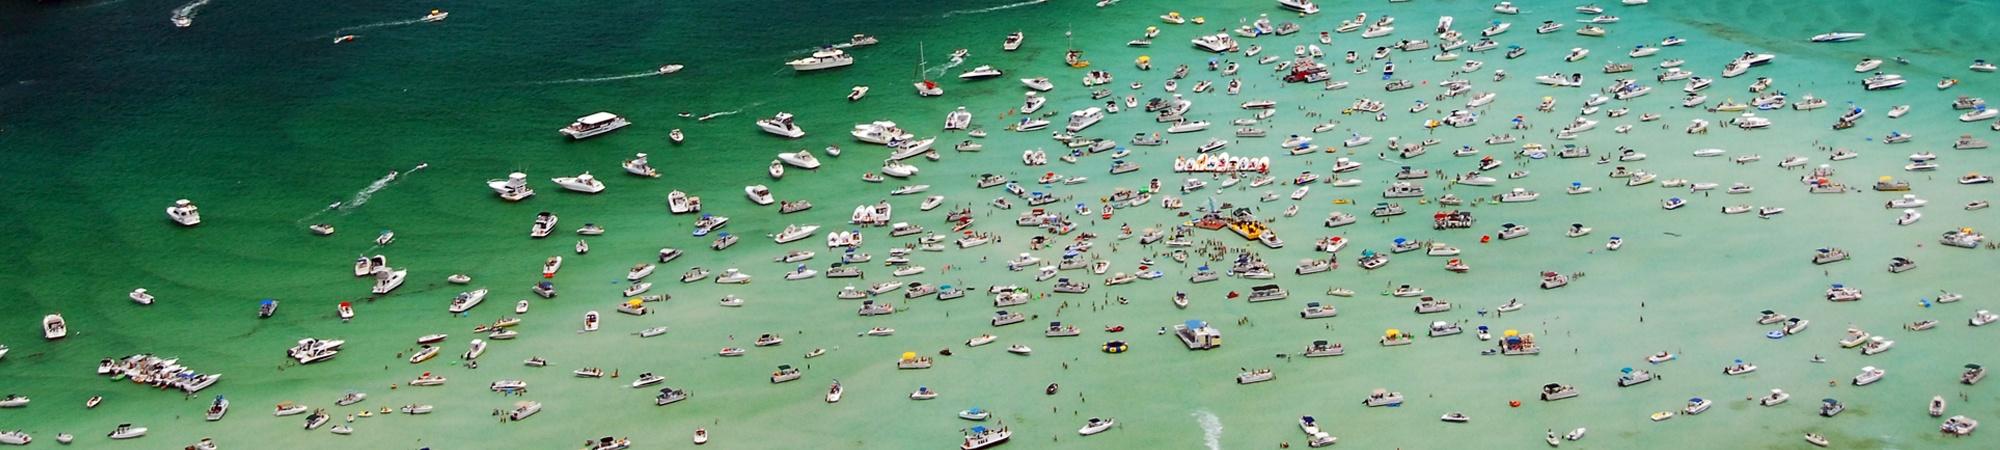 Crab Island Destin FL